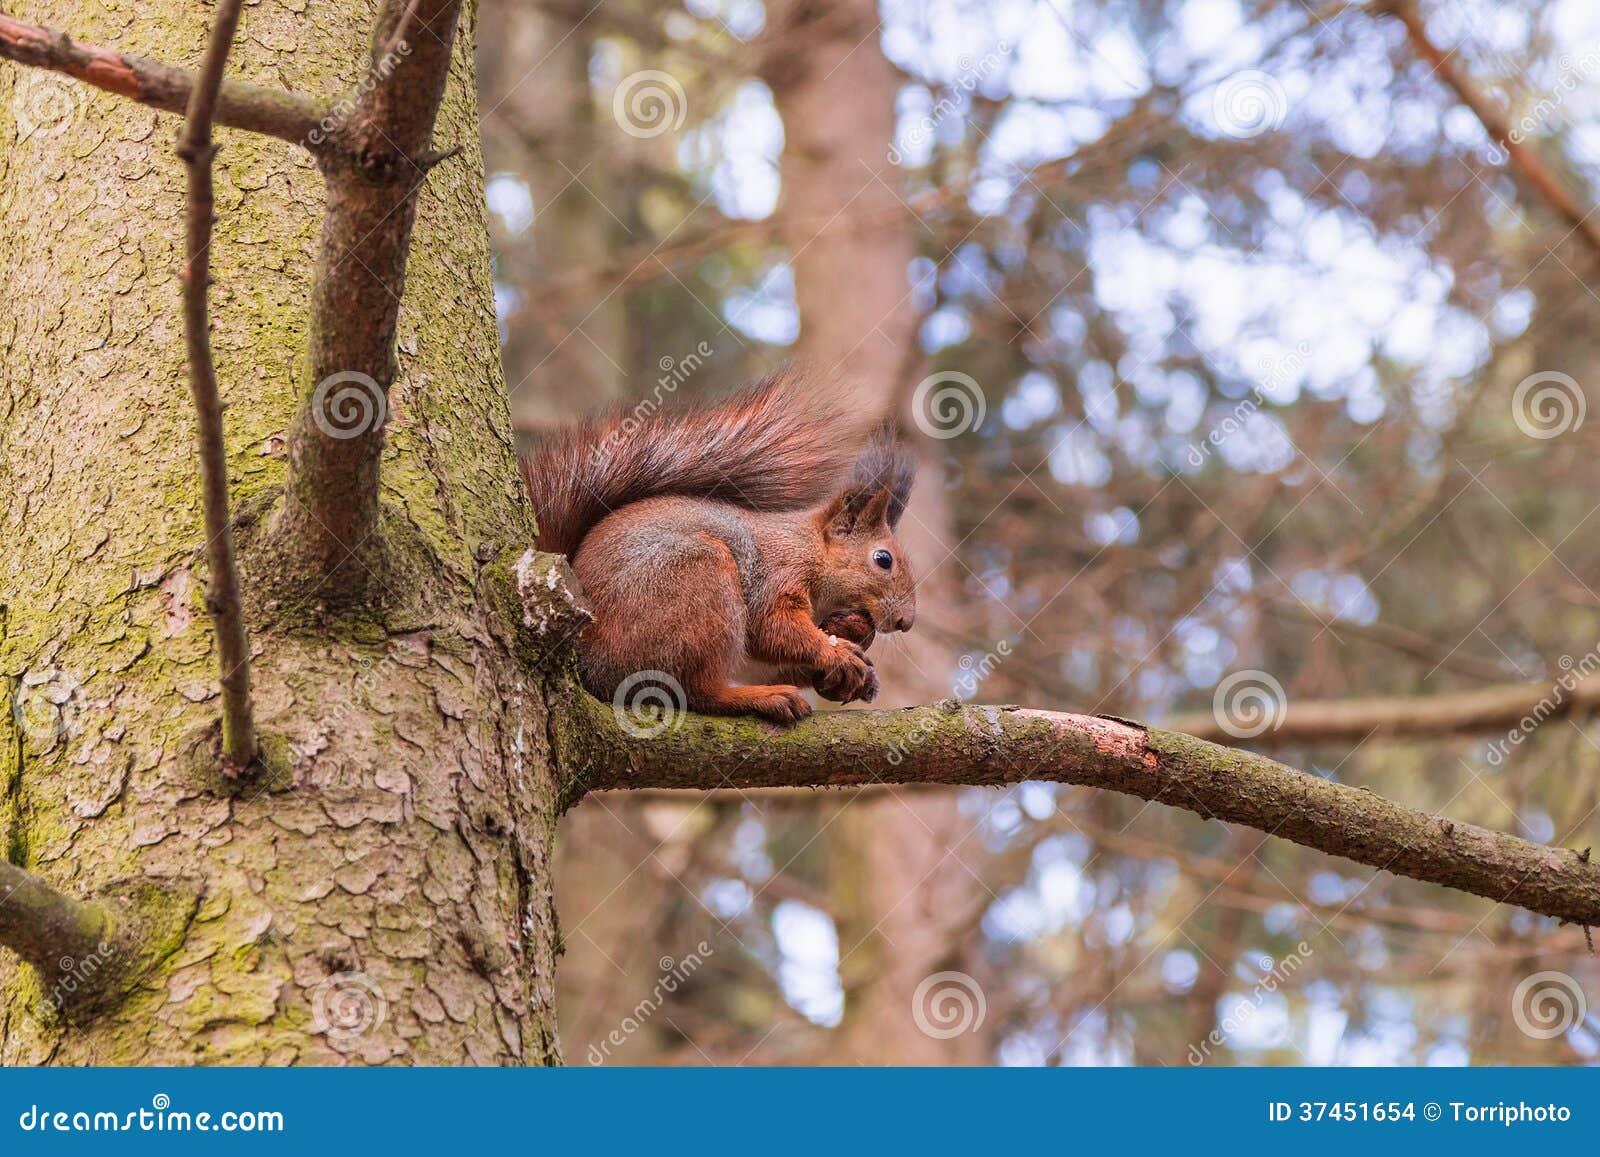 Red Squirrel eating a walnut (Sciurus vulgaris)